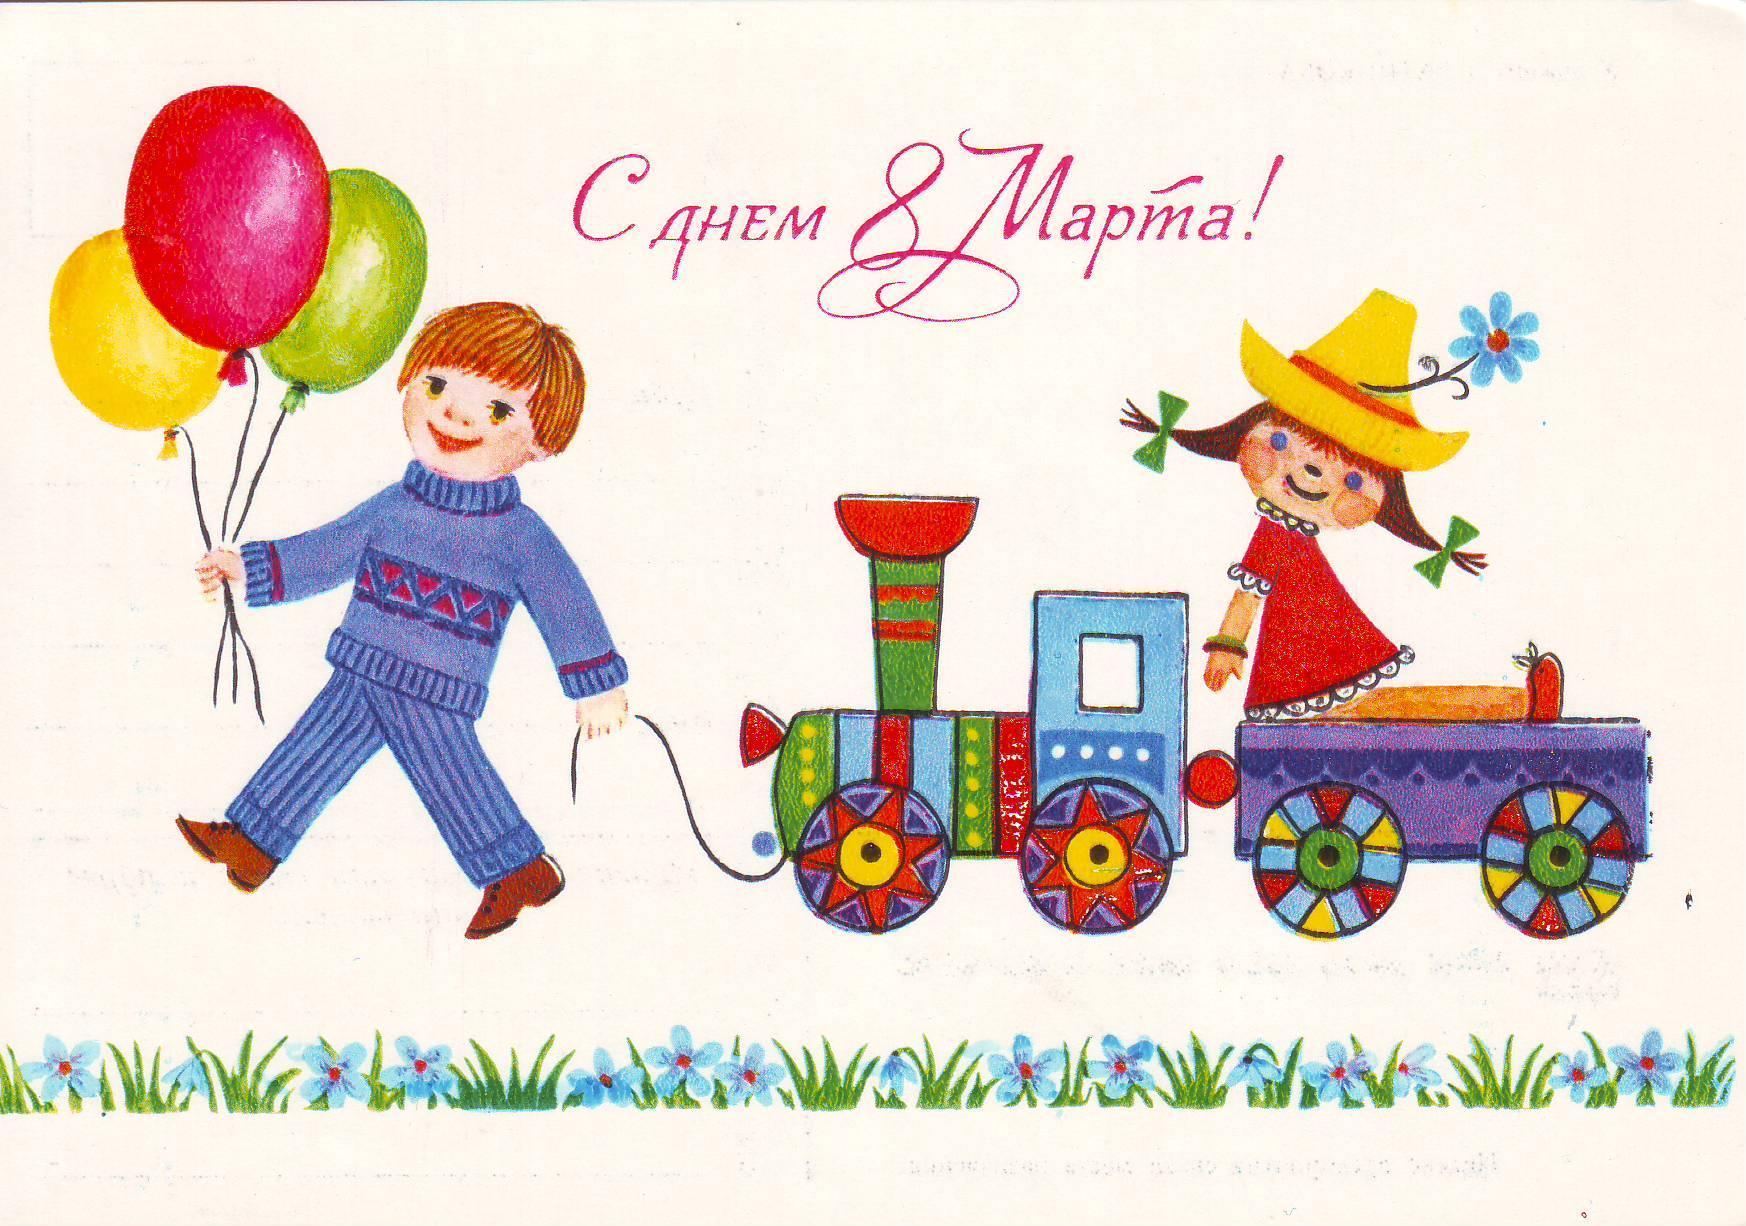 Картинки прикольные, открытки дети 8 марта